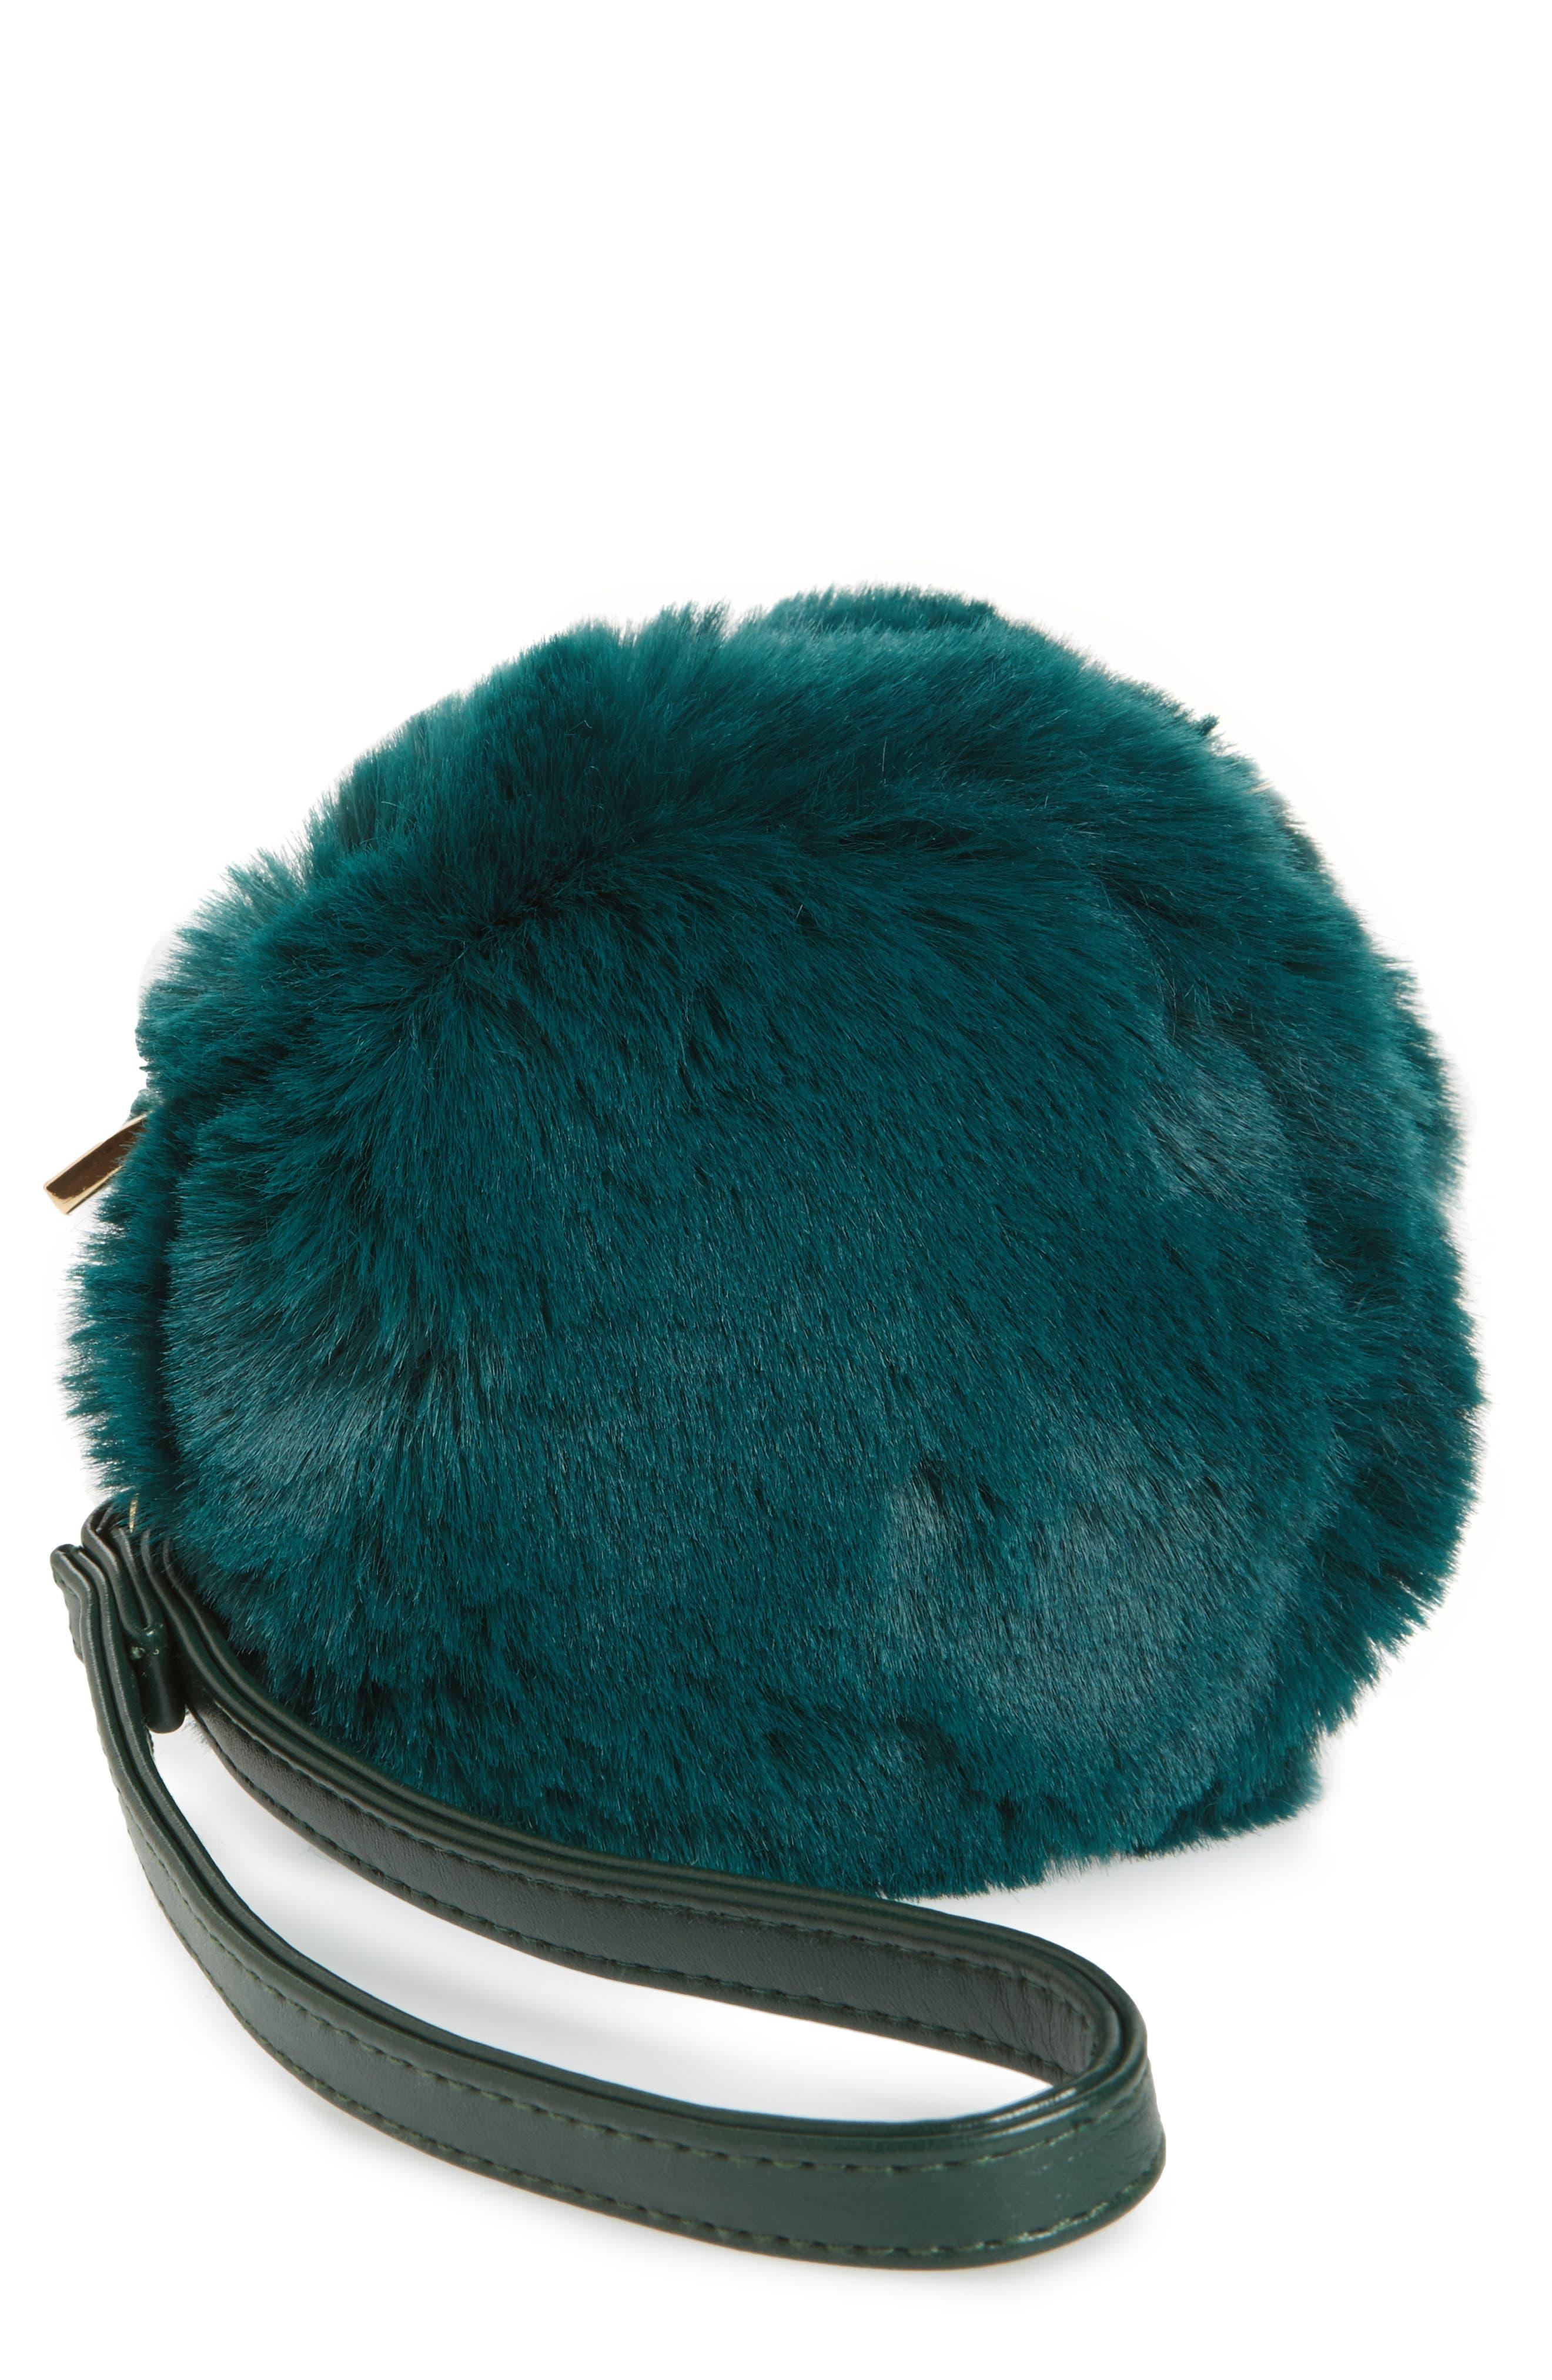 Macaron Faux Fur Wristlet,                         Main,                         color, 300